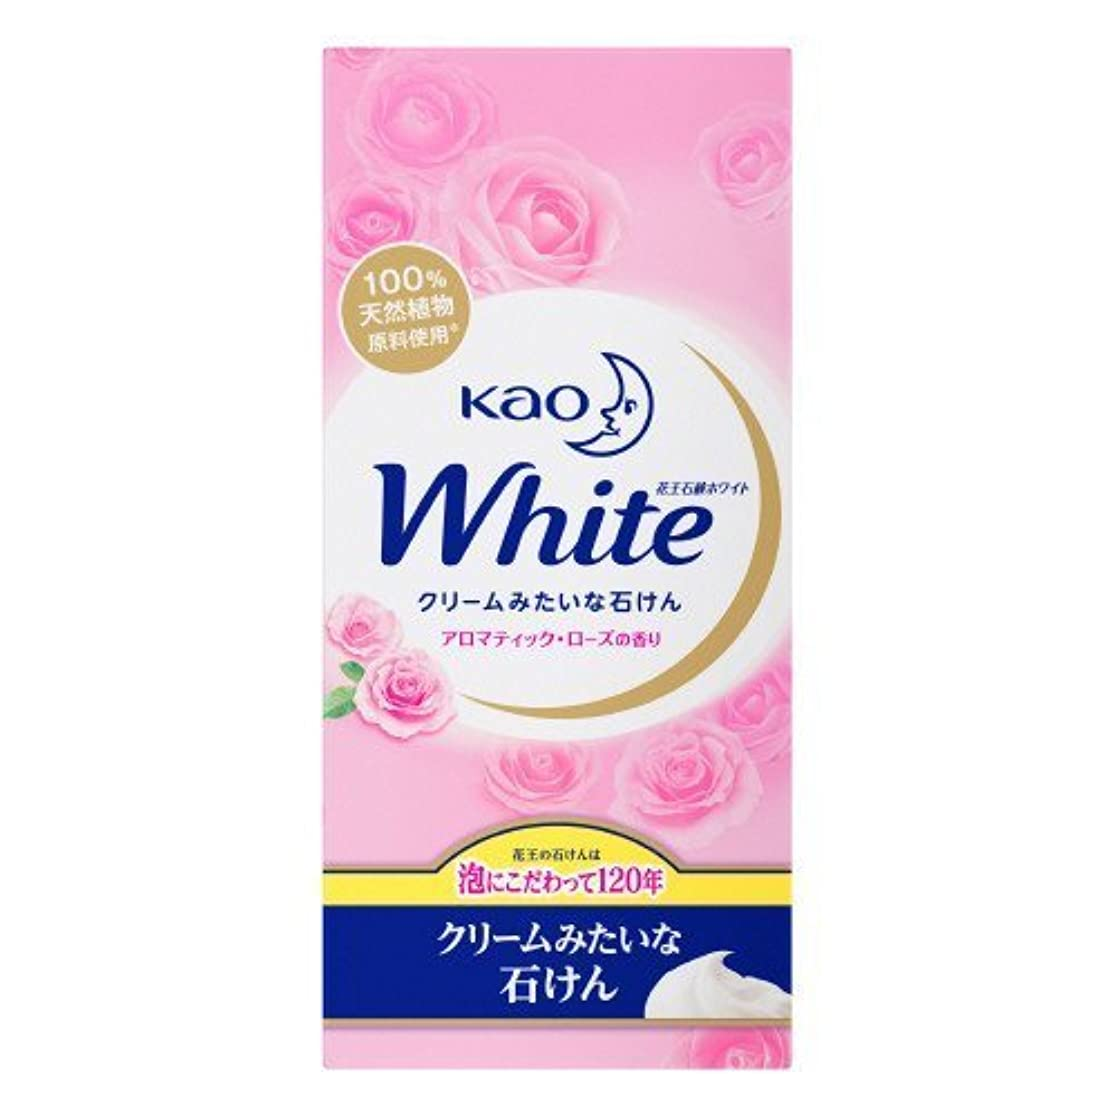 若者風削る【花王】花王ホワイト アロマティックローズの香りレギュラーサイズ (85g×6個) ×10個セット